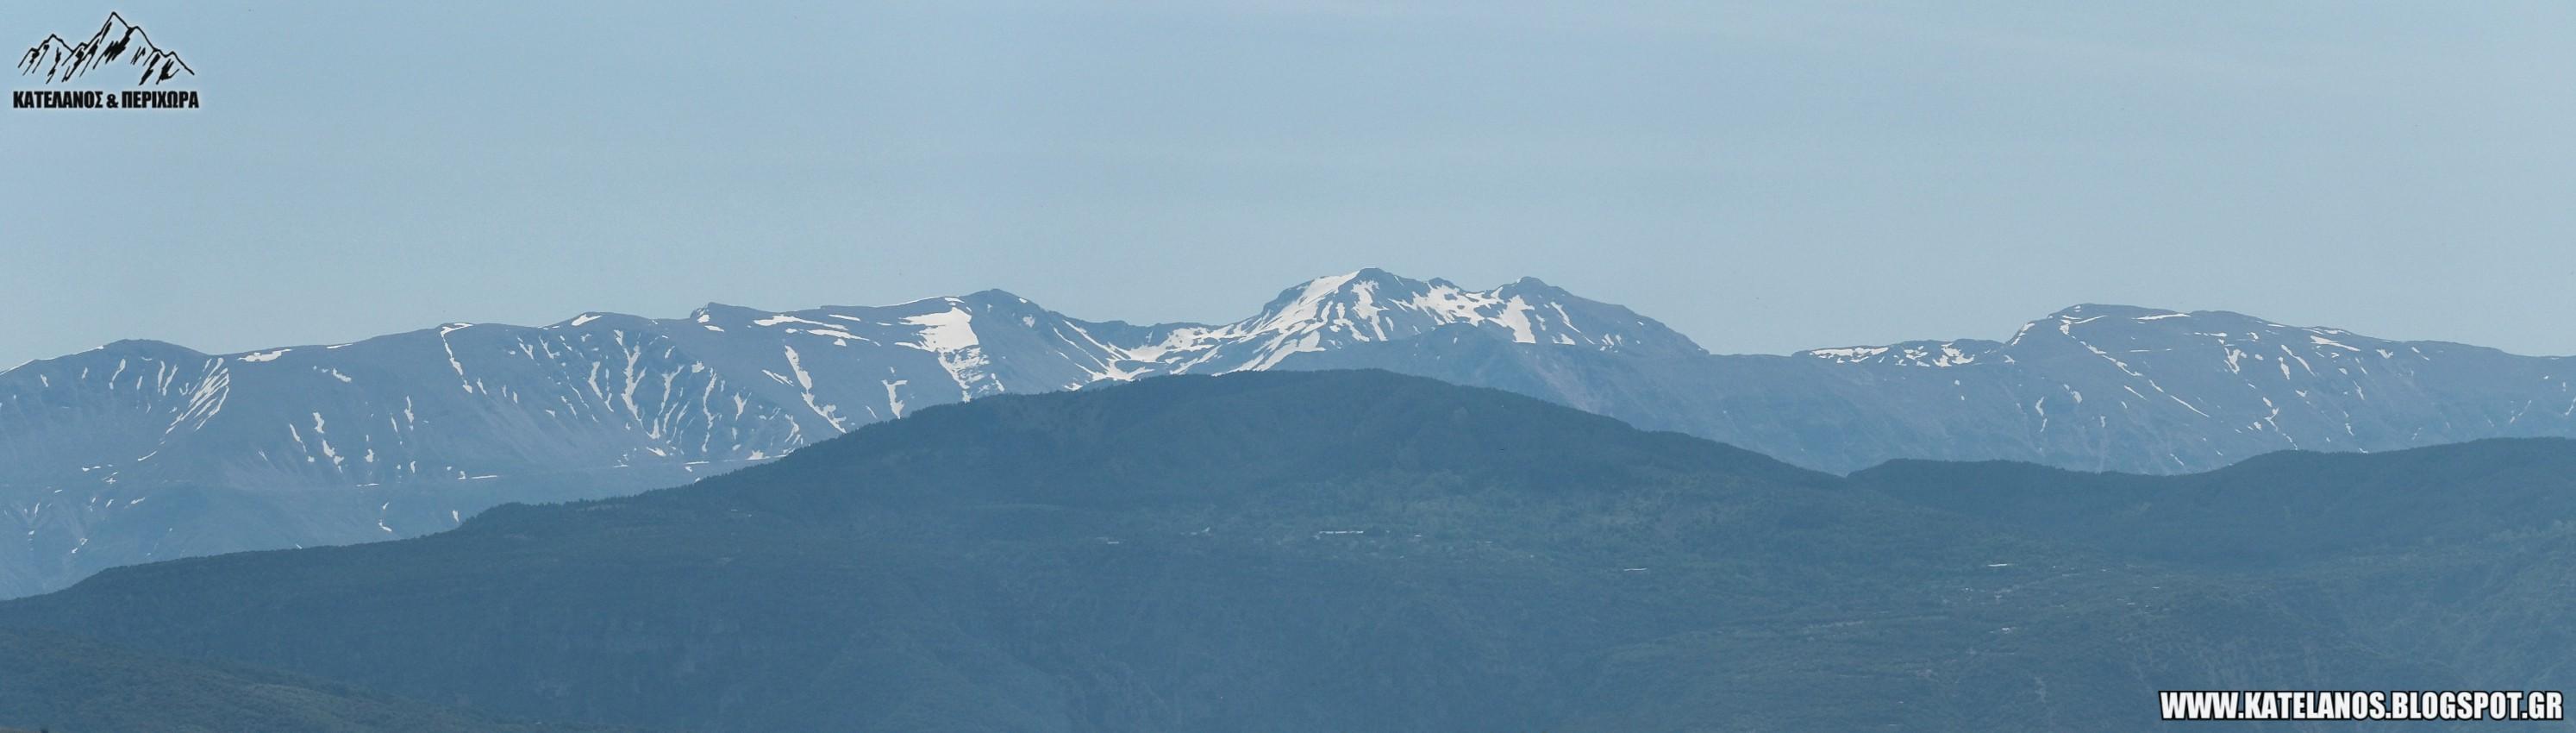 κακαρδιτσα καταφυγι ρουιστα βουνα χιονουρες